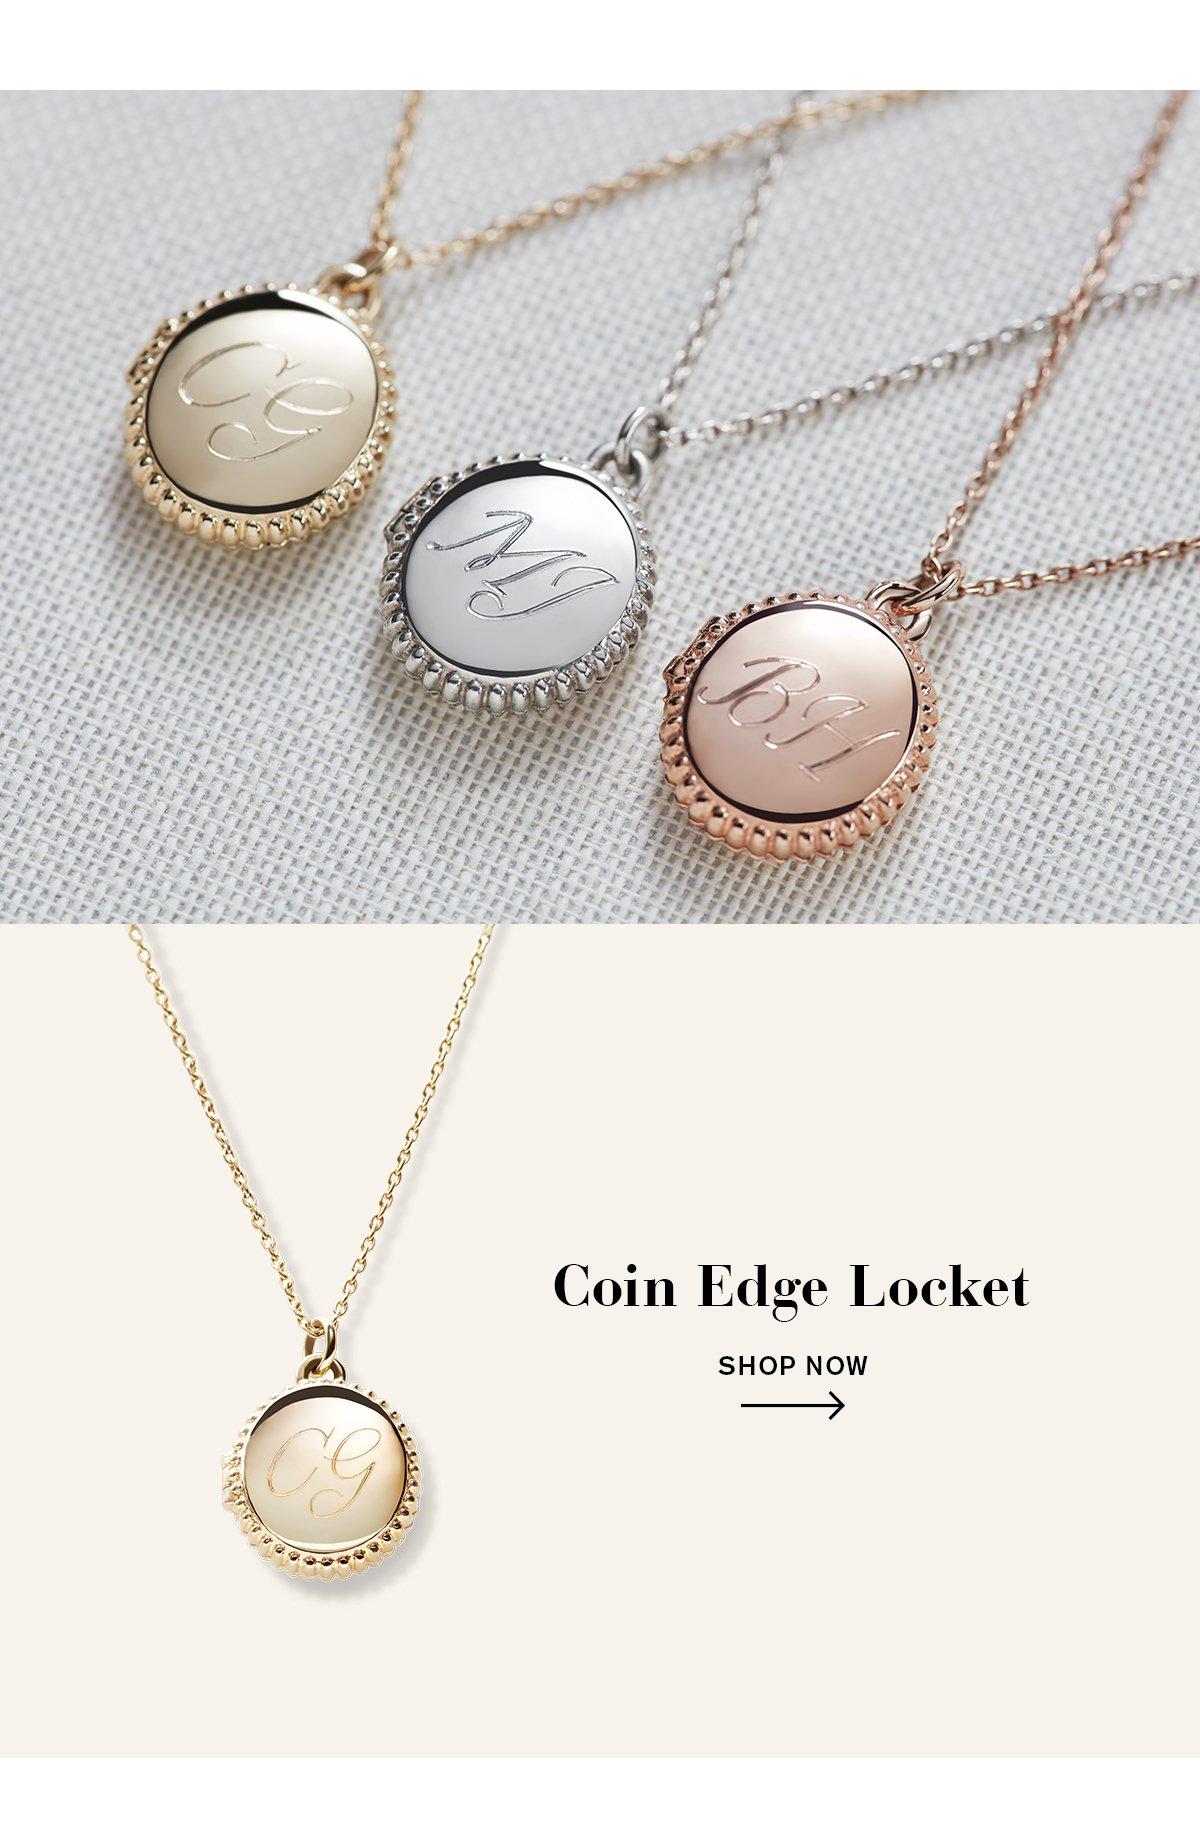 Coin Edge Locket